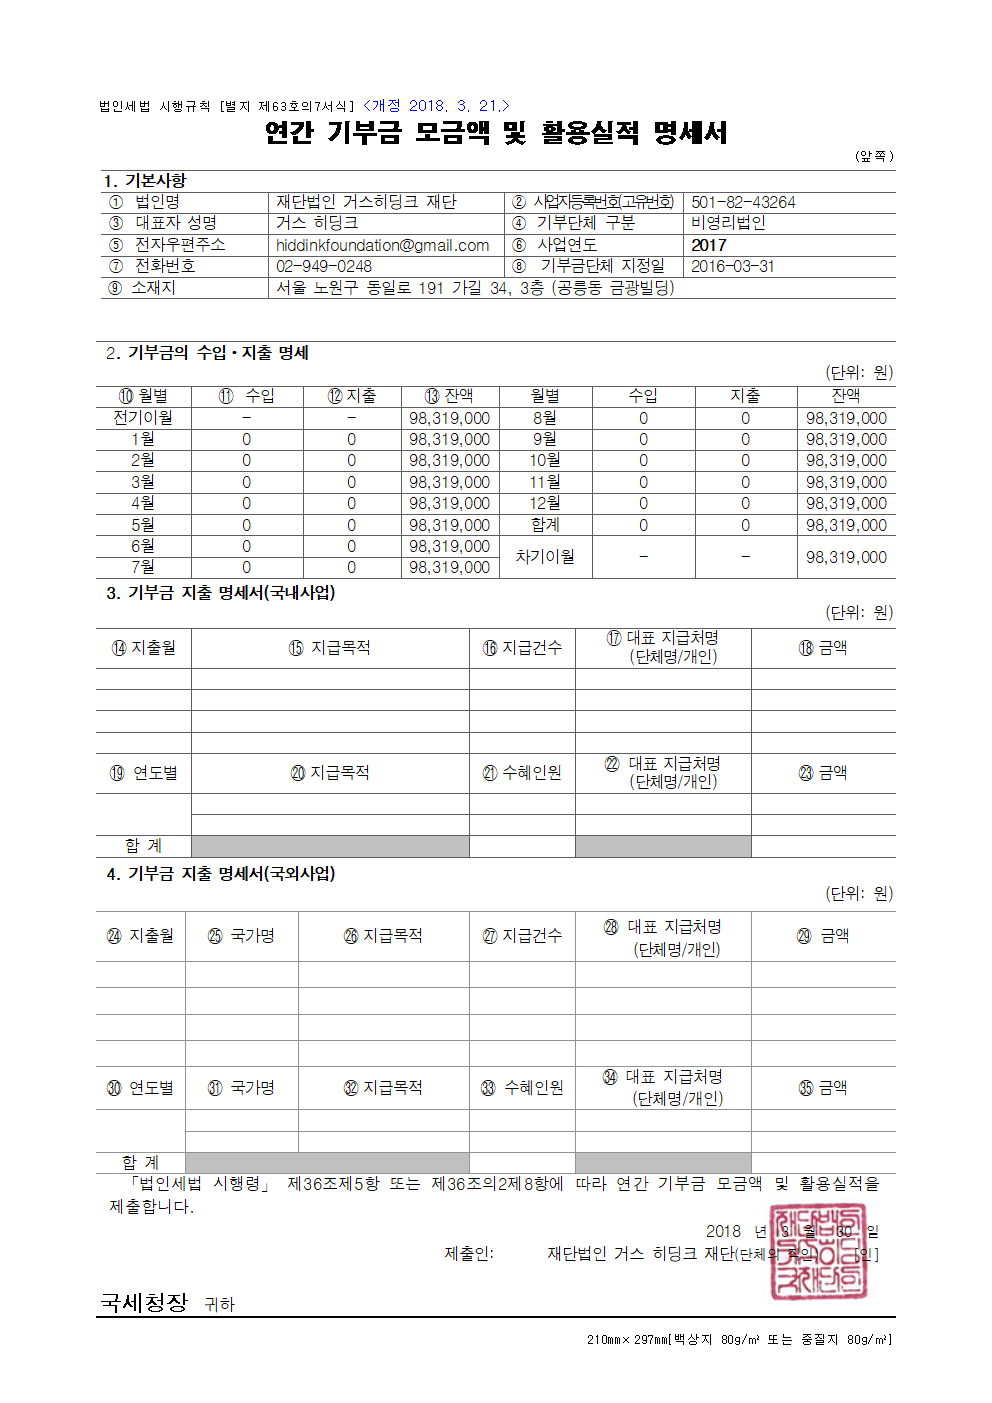 연간기부금 모금액 및 활용실적 명세서 2017(수정본)001.png